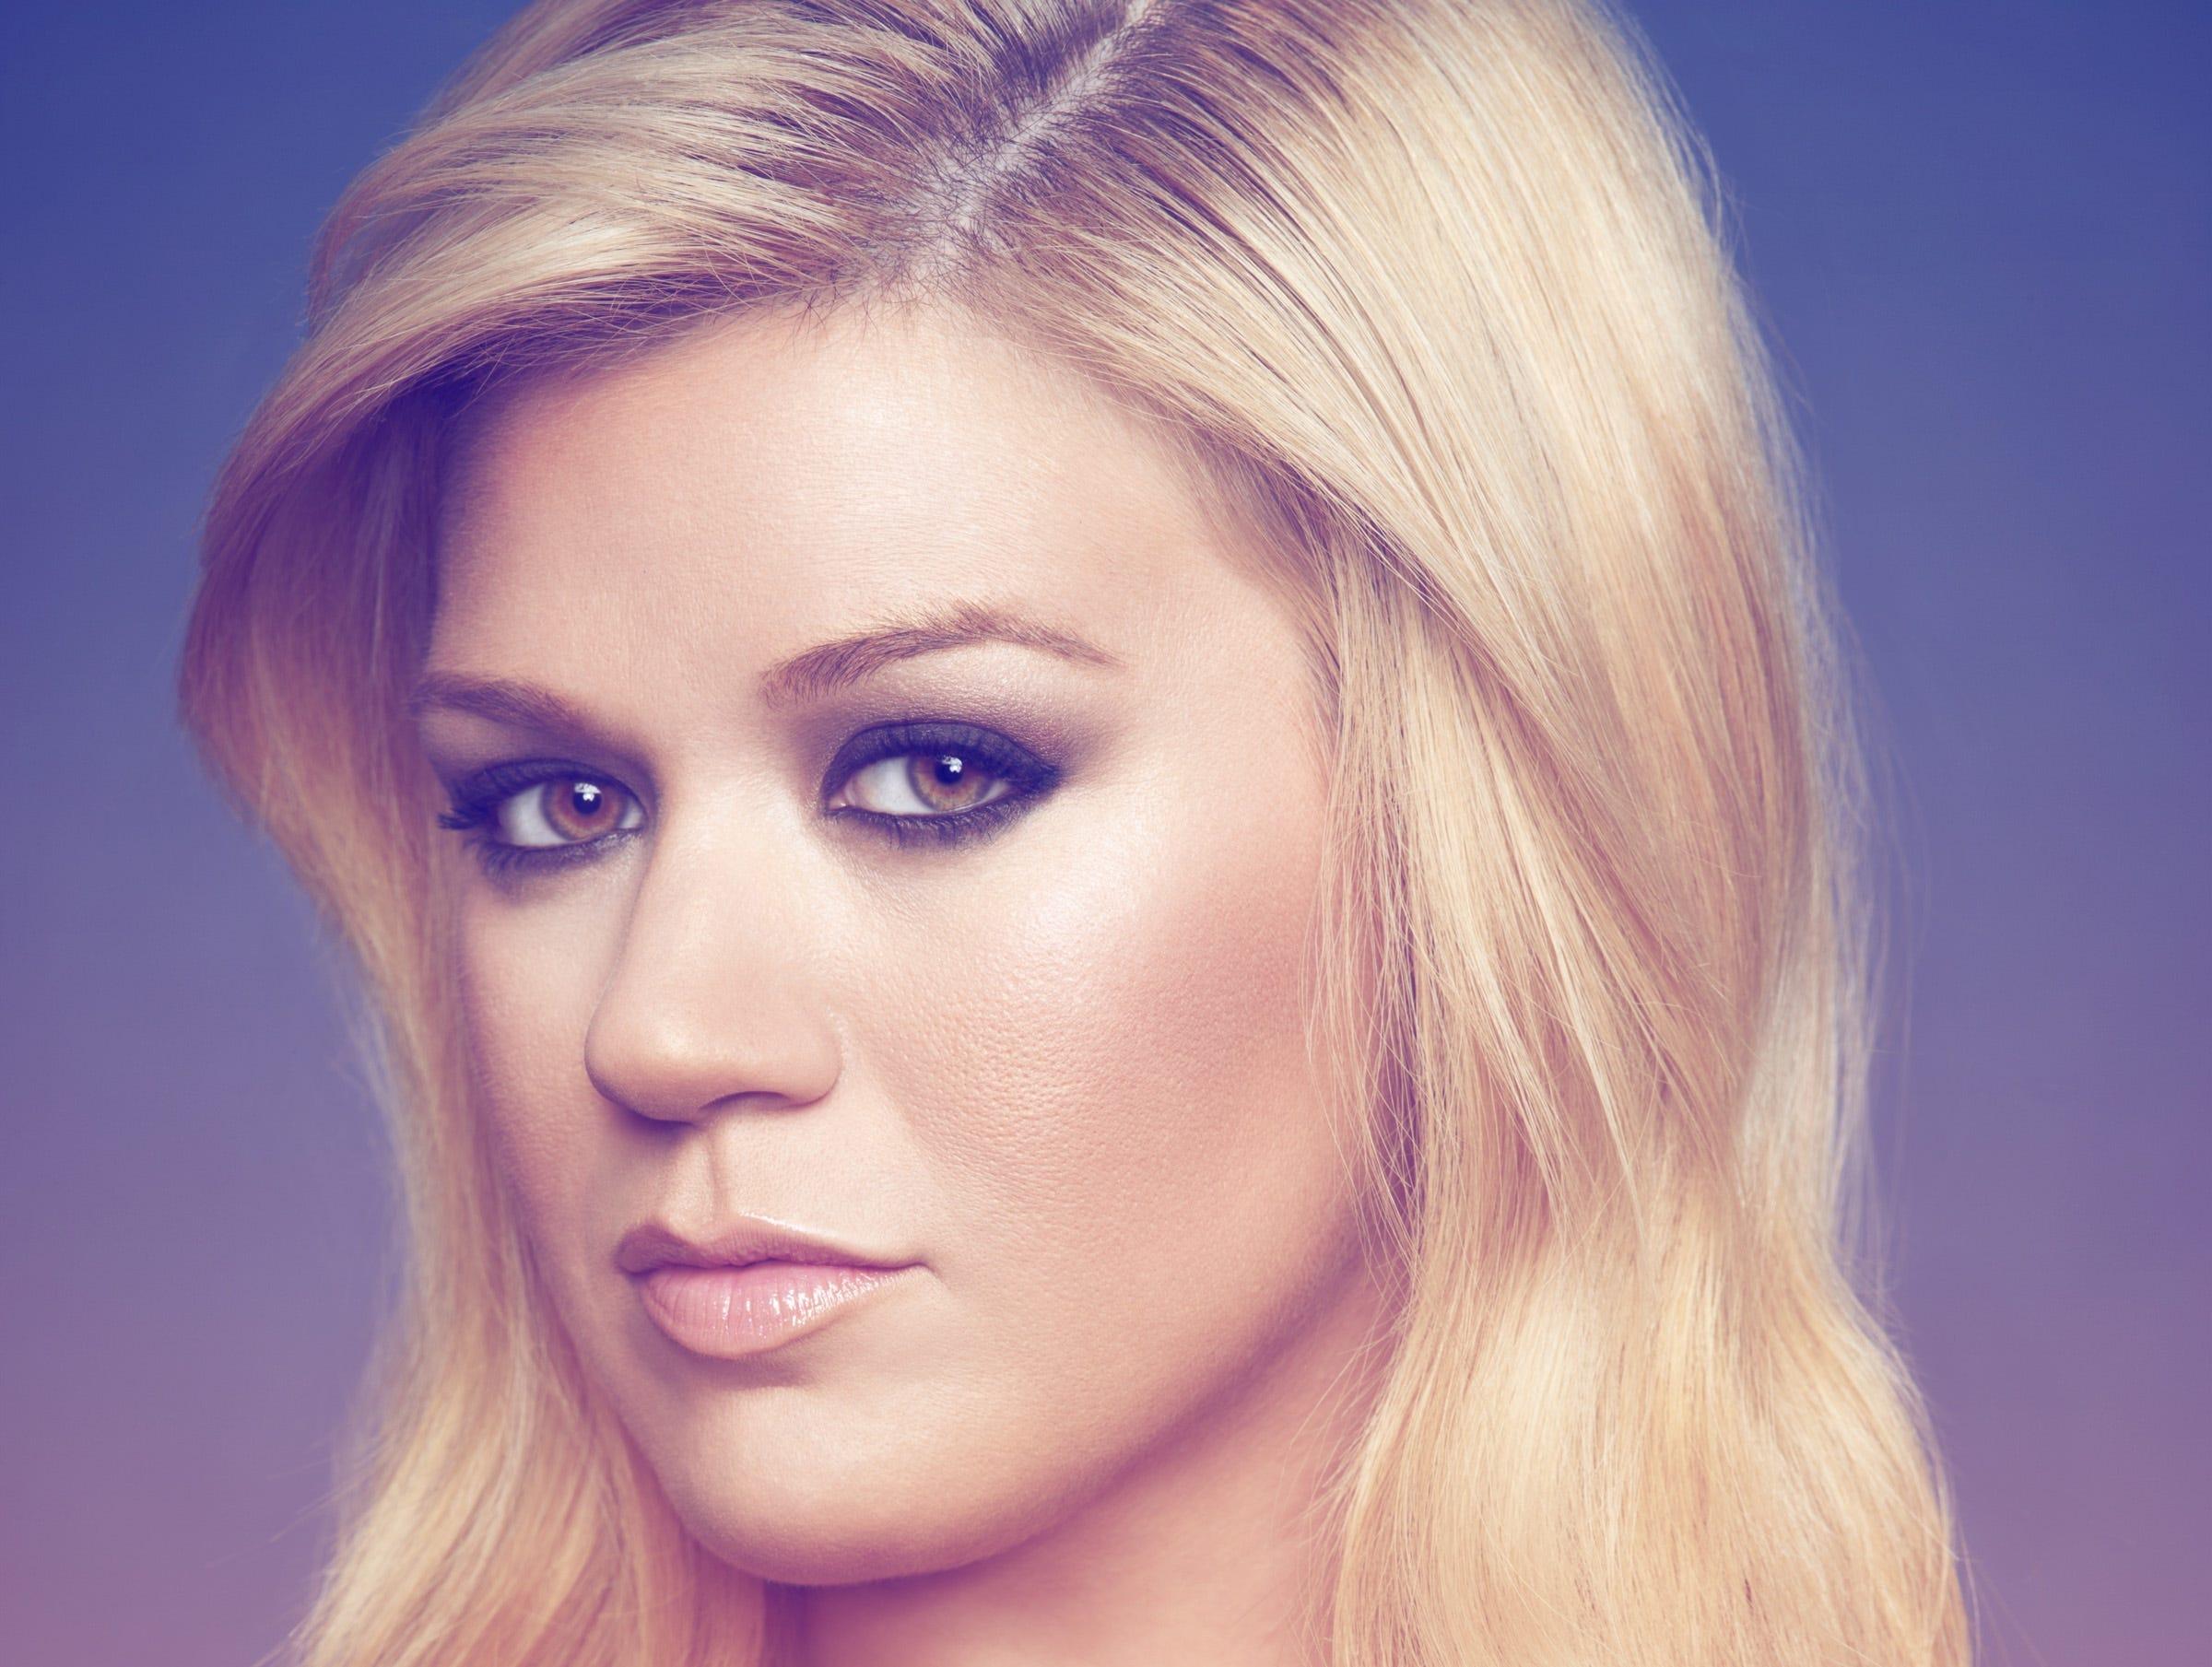 Blake dating american idol